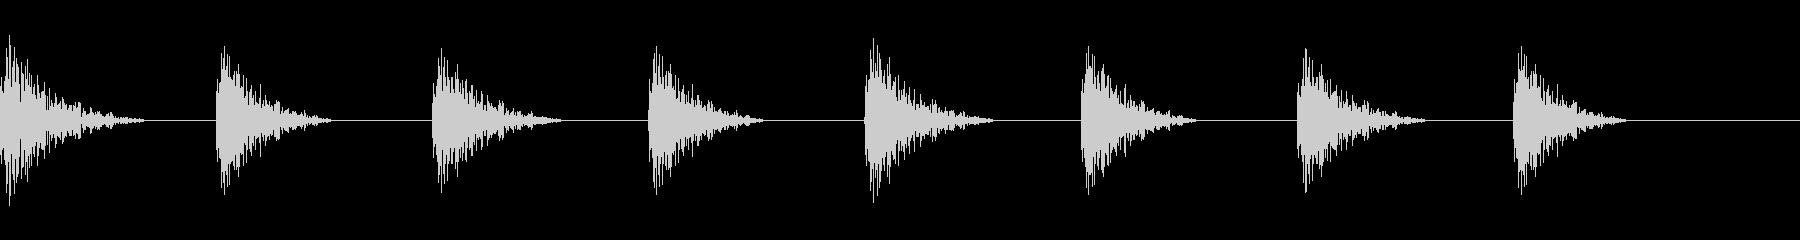 どすん(巨人、歩く、足音)A14の未再生の波形